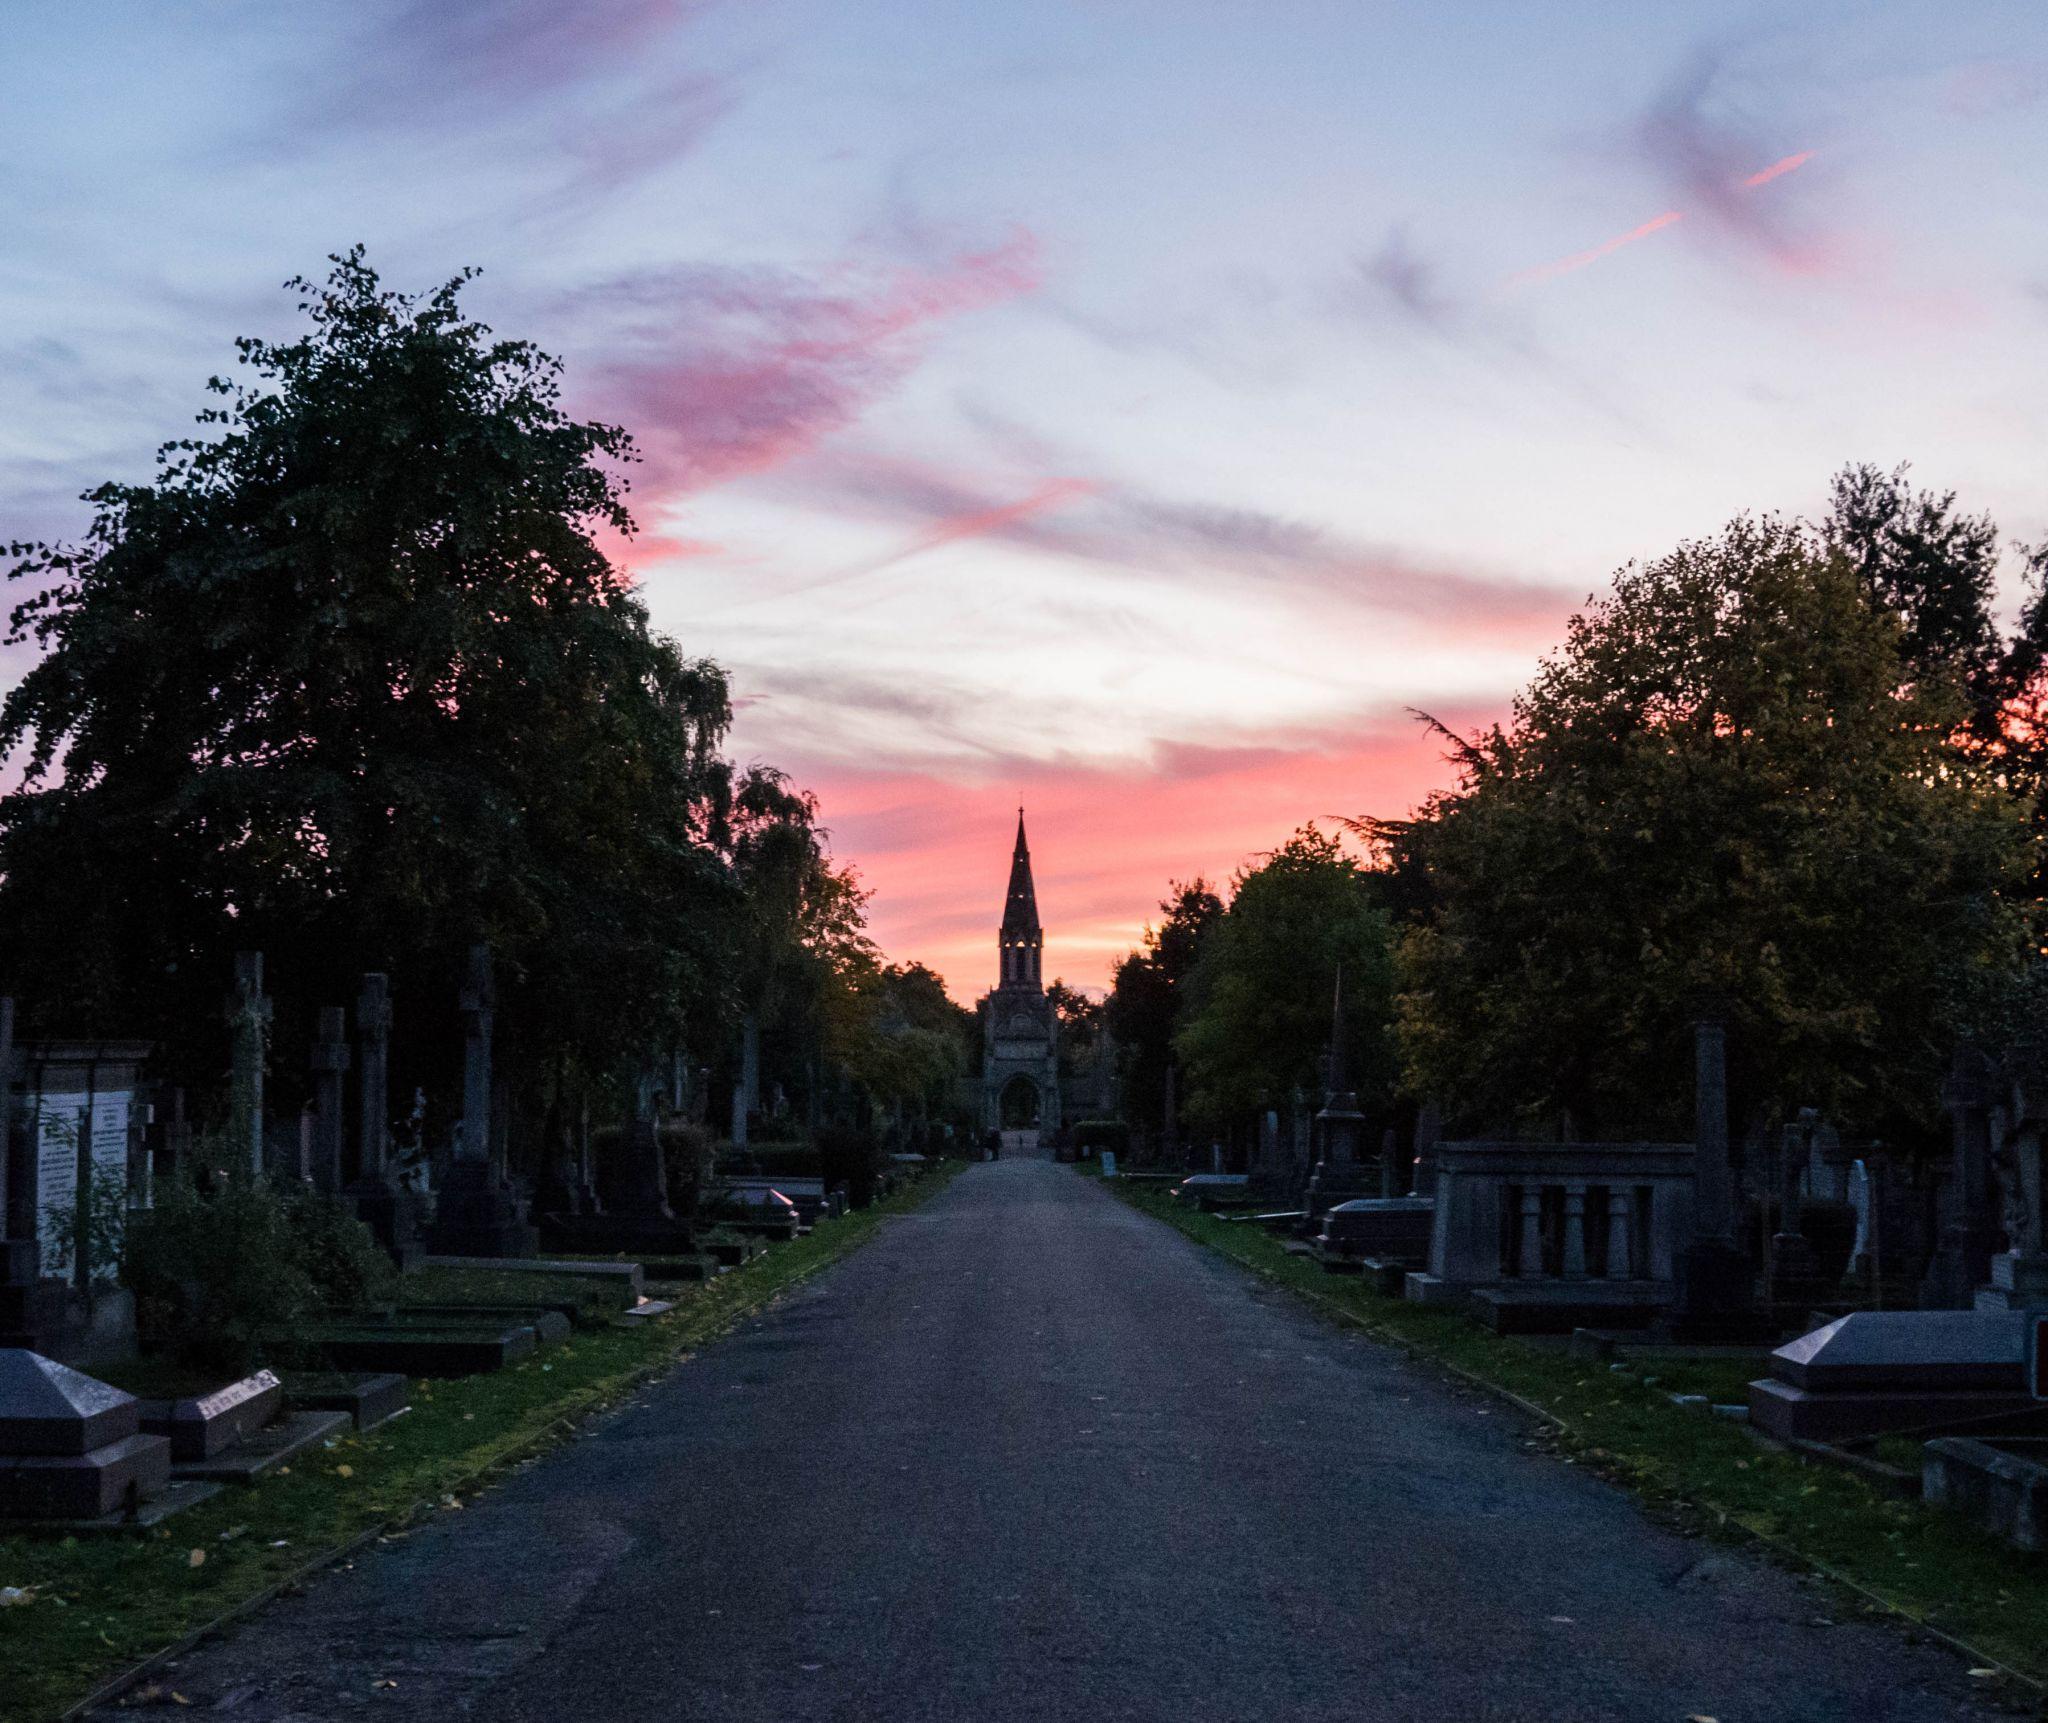 Hampstead Cemetery Chapel, United Kingdom